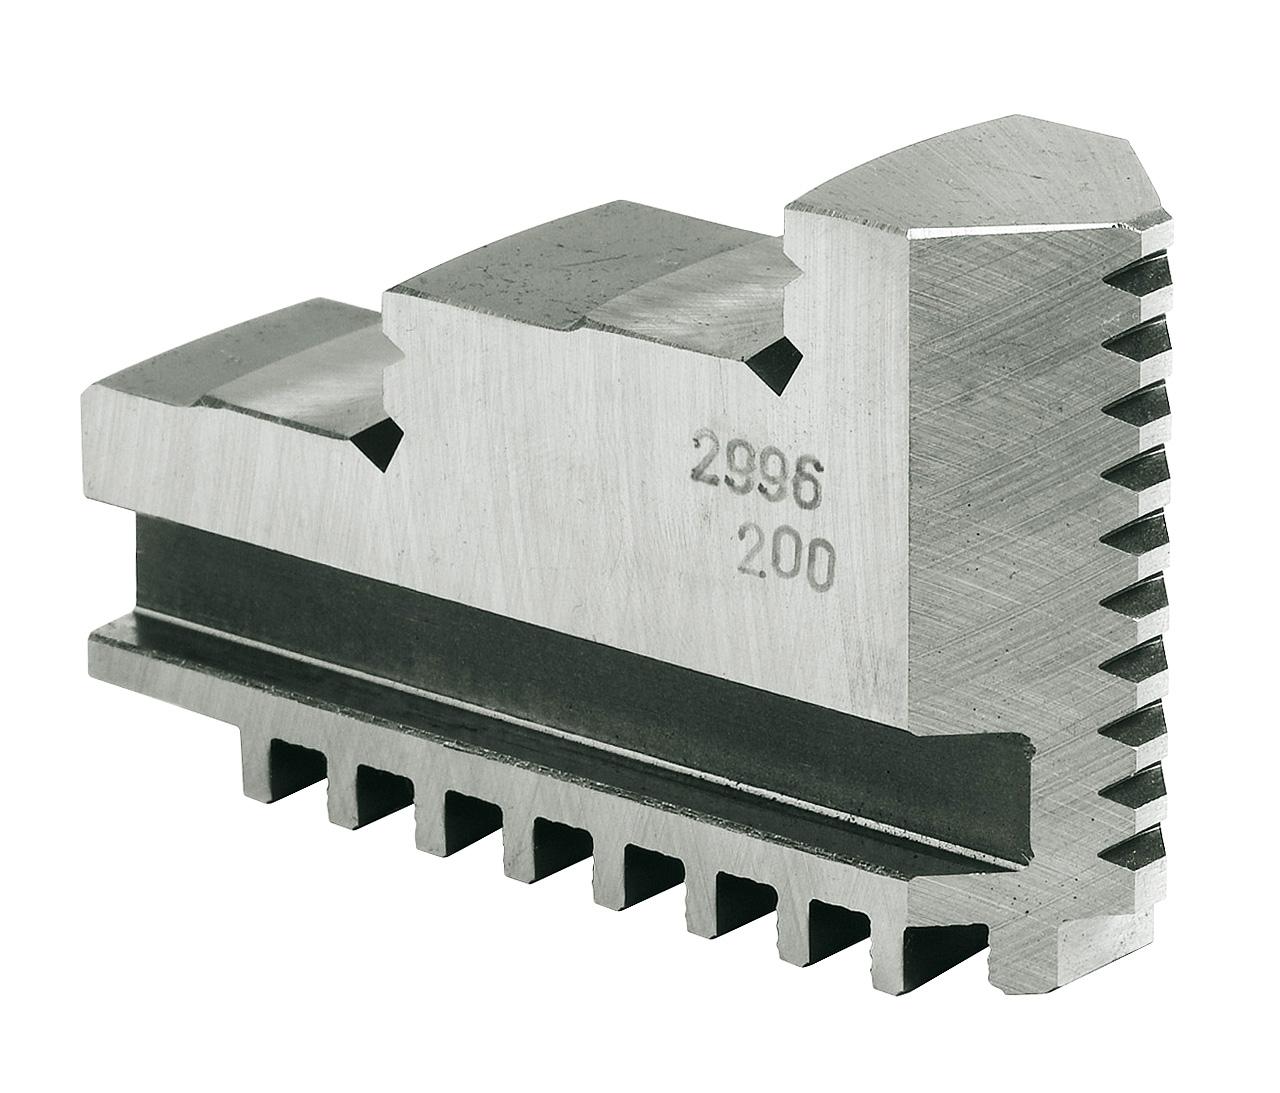 Szczęki jednolite twarde zewnętrzne - komplet OJ-PS3-160 BERNARDO